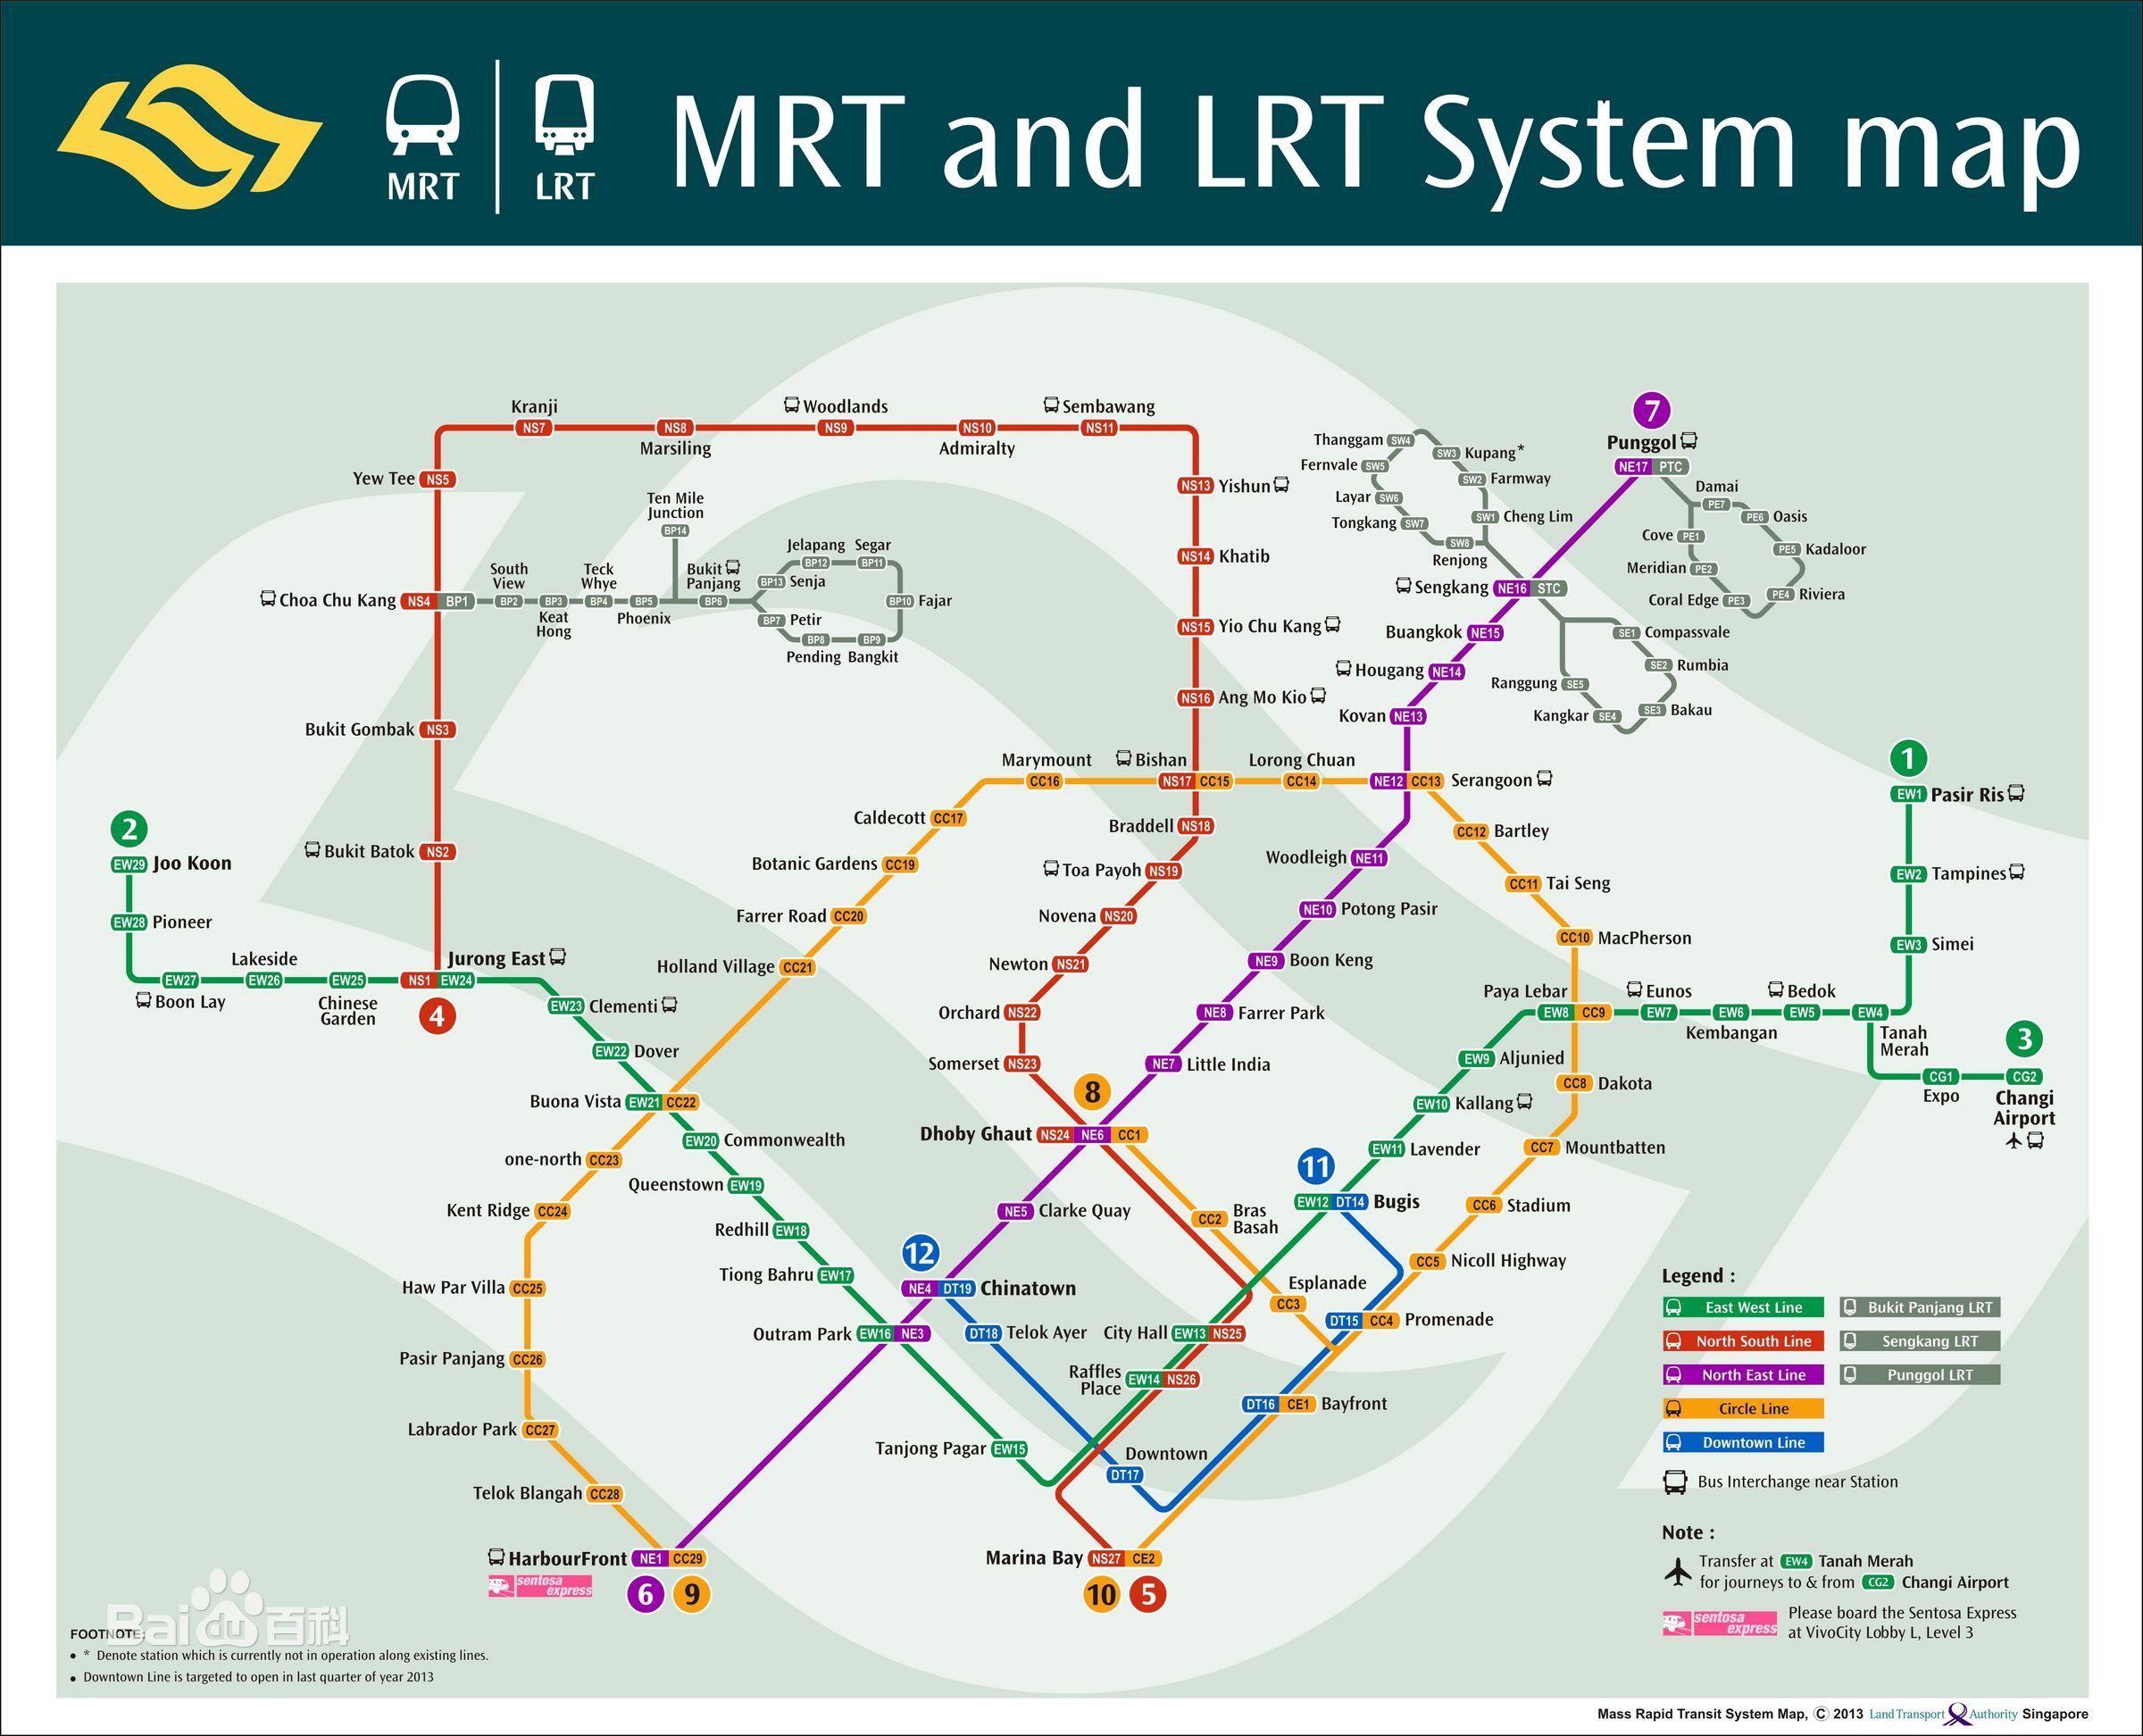 地铁:地铁系统自1987年开通,当前设有104个地铁车站,10个转车站,153.2公里的标准轨距线路。服务从早上5点30起到凌晨1点结束,班次约90秒到7分钟一次。新加坡地铁系统分5条路线,东西线(绿线)、南北线(红线)、东北线(紫线)、环线(橘黄)、滨海市区线(蓝线)互相联系各个角落,并且通往数个观光胜地,公众只有要查看站名记住其颜色及号码即可使用。